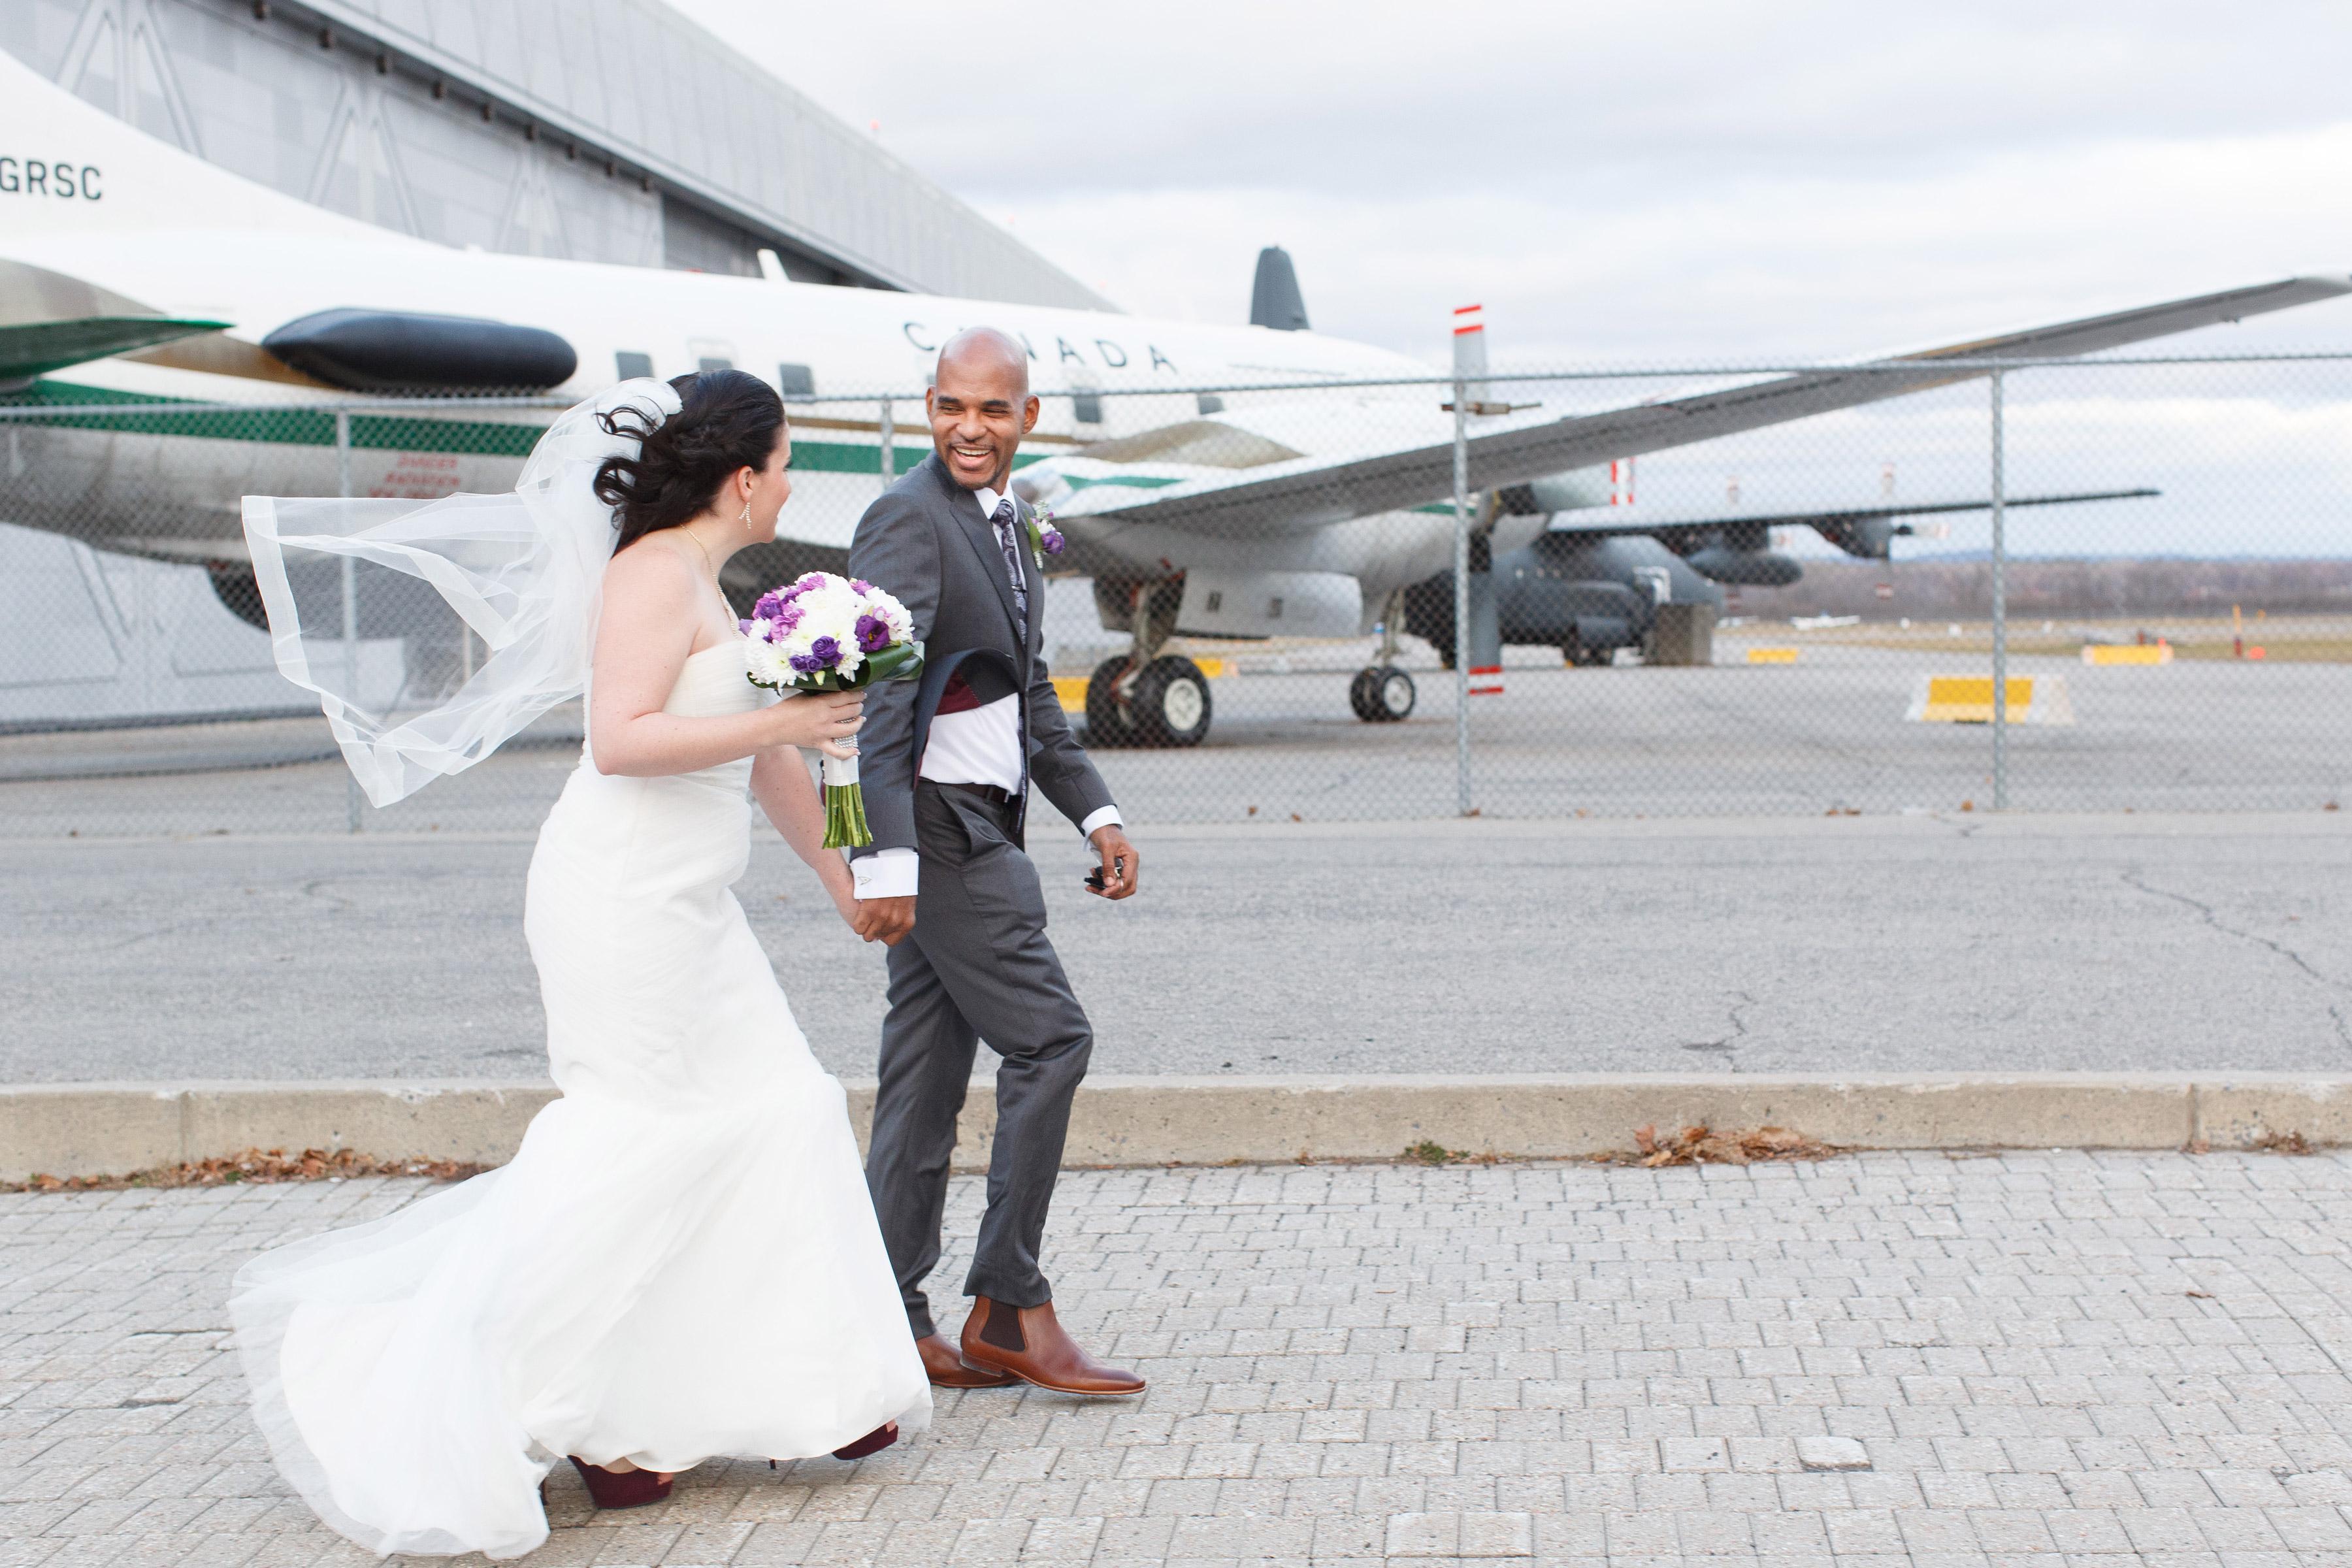 fun wedding photography ideas by boyo photo